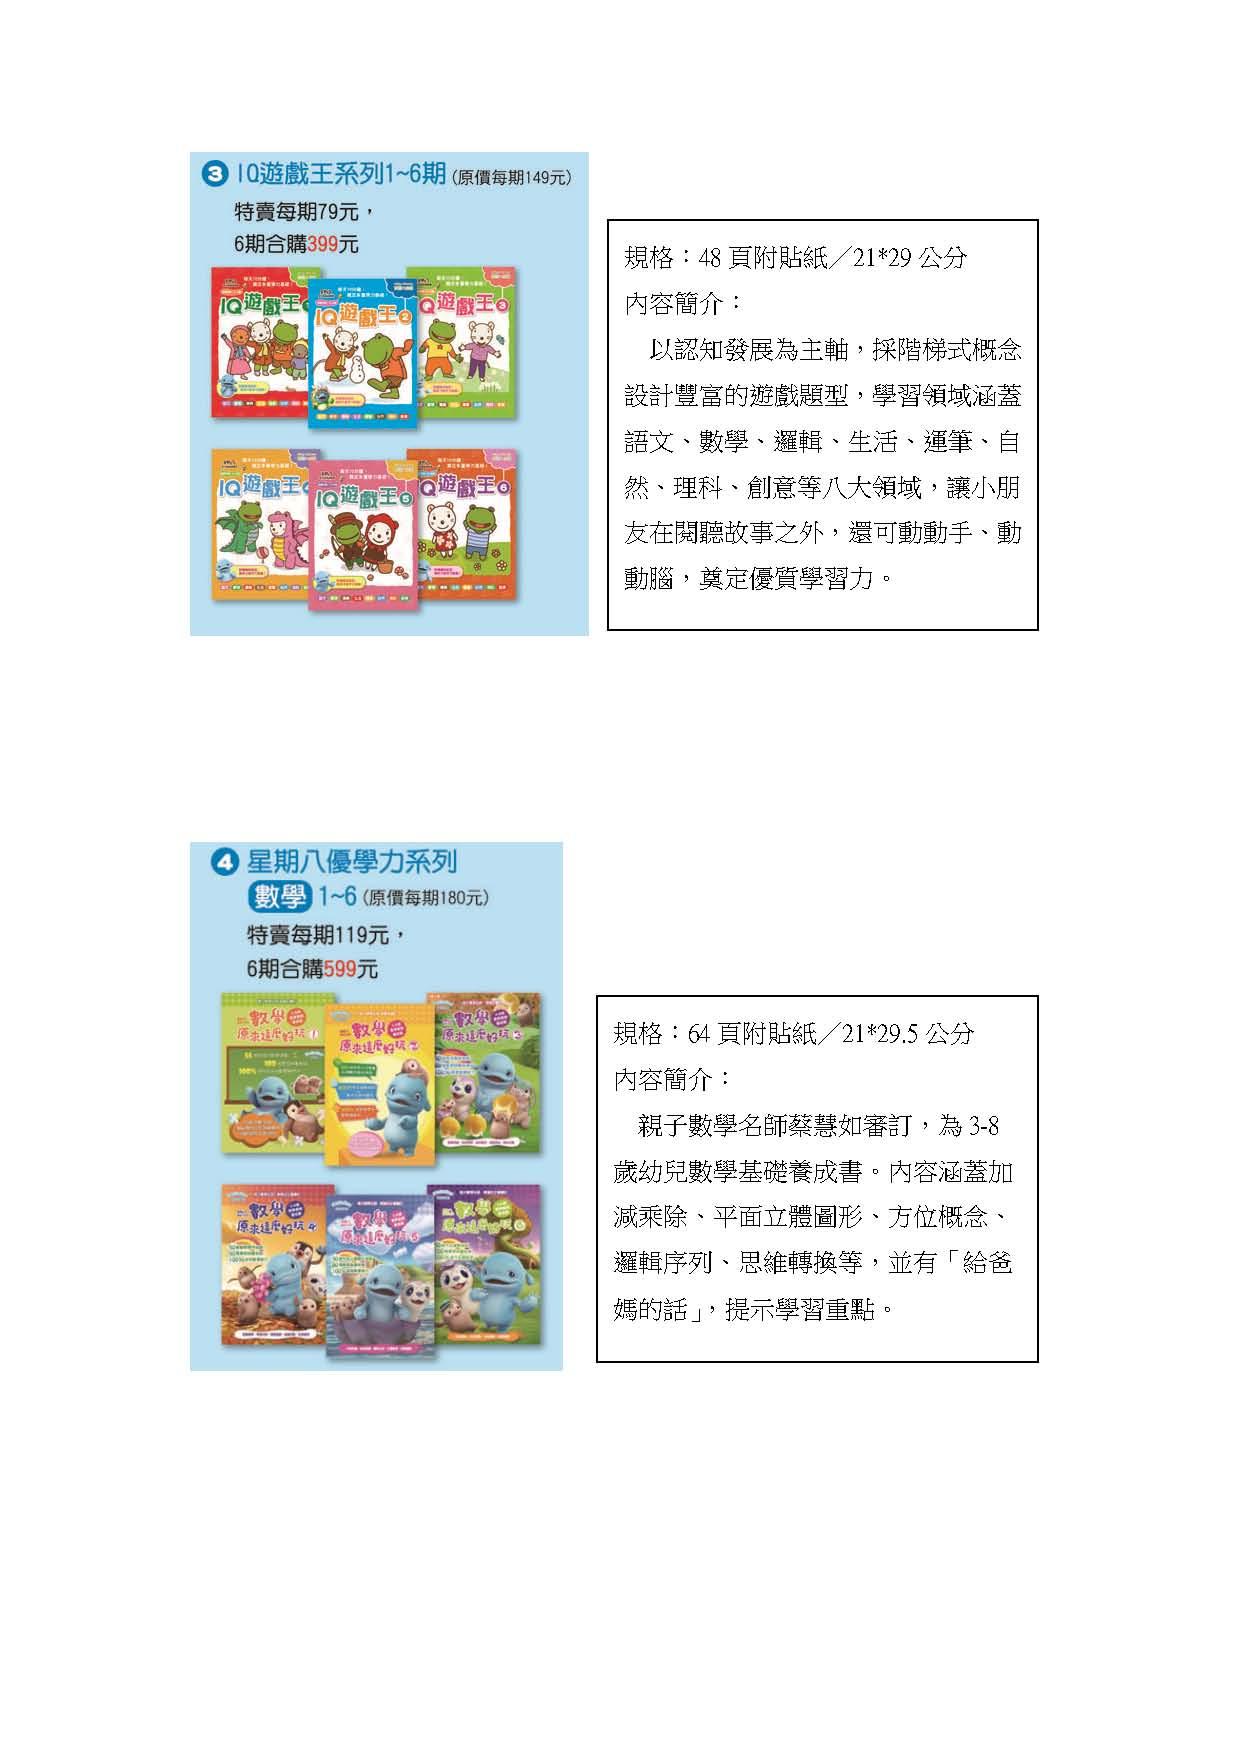 特賣商品簡介_頁面_3